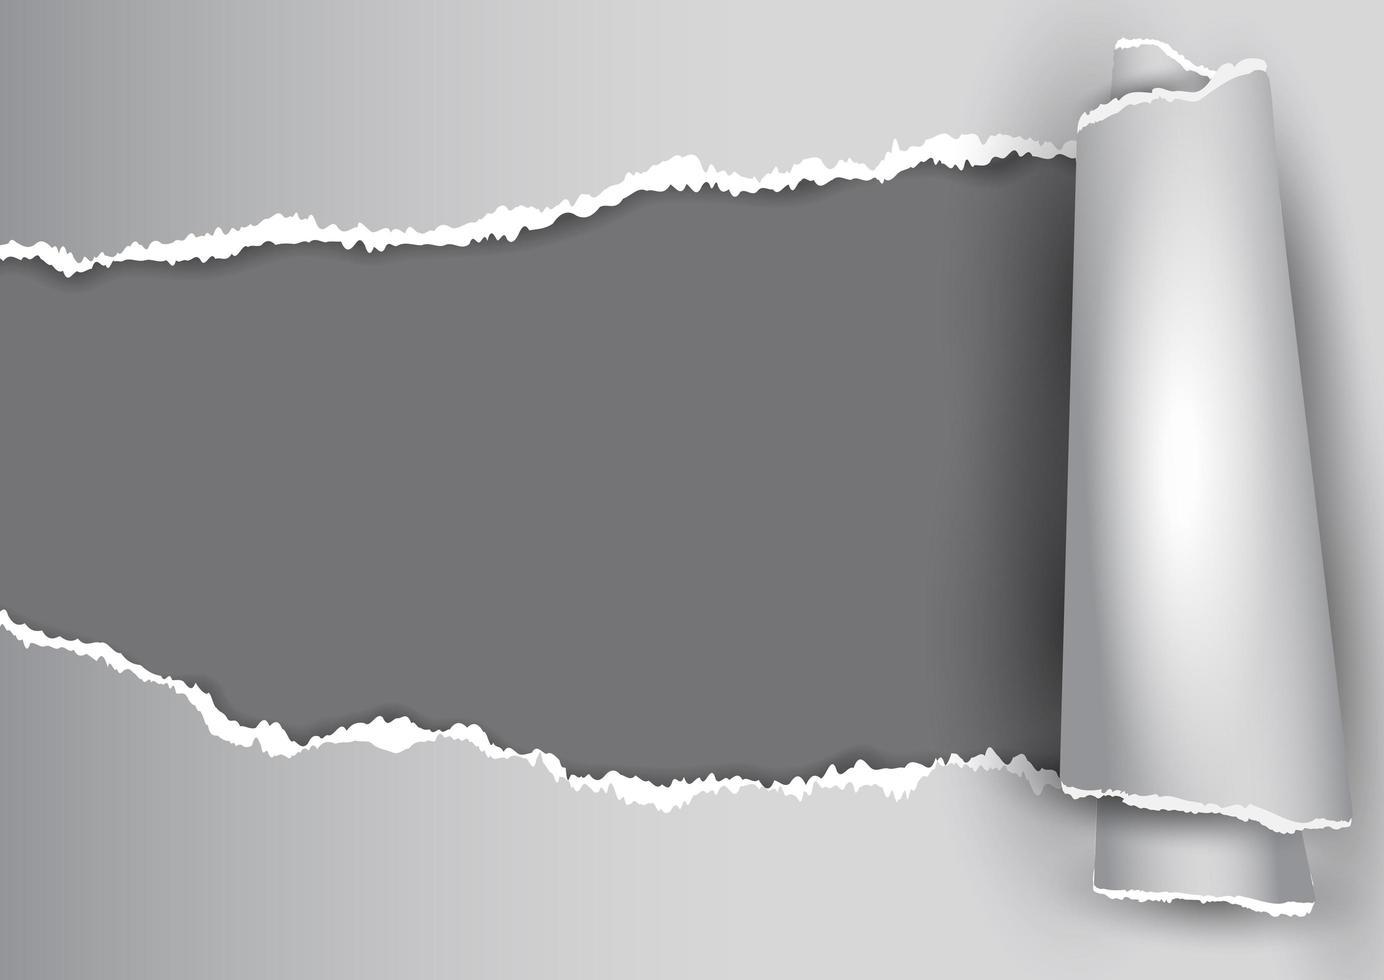 grijze kleurovergang gescheurd papier ontwerp vector